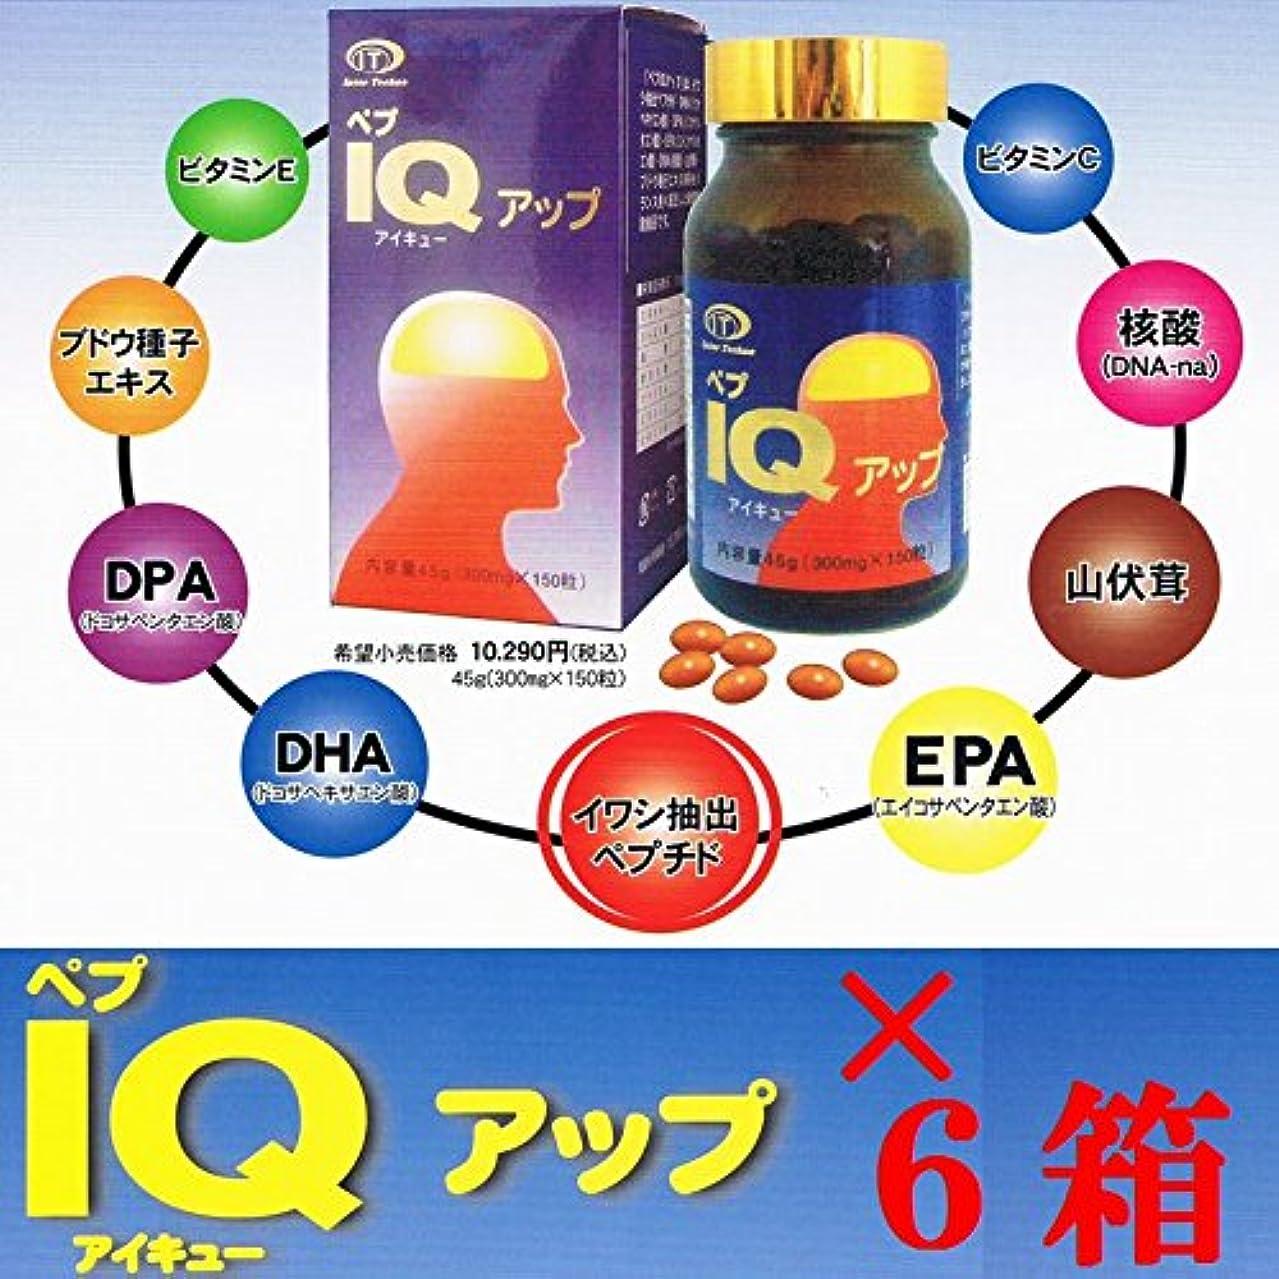 ピット個人的なバングラデシュペプIQアップ 150粒 ×超お得6箱セット 《記憶?思考、DHA、EPA》